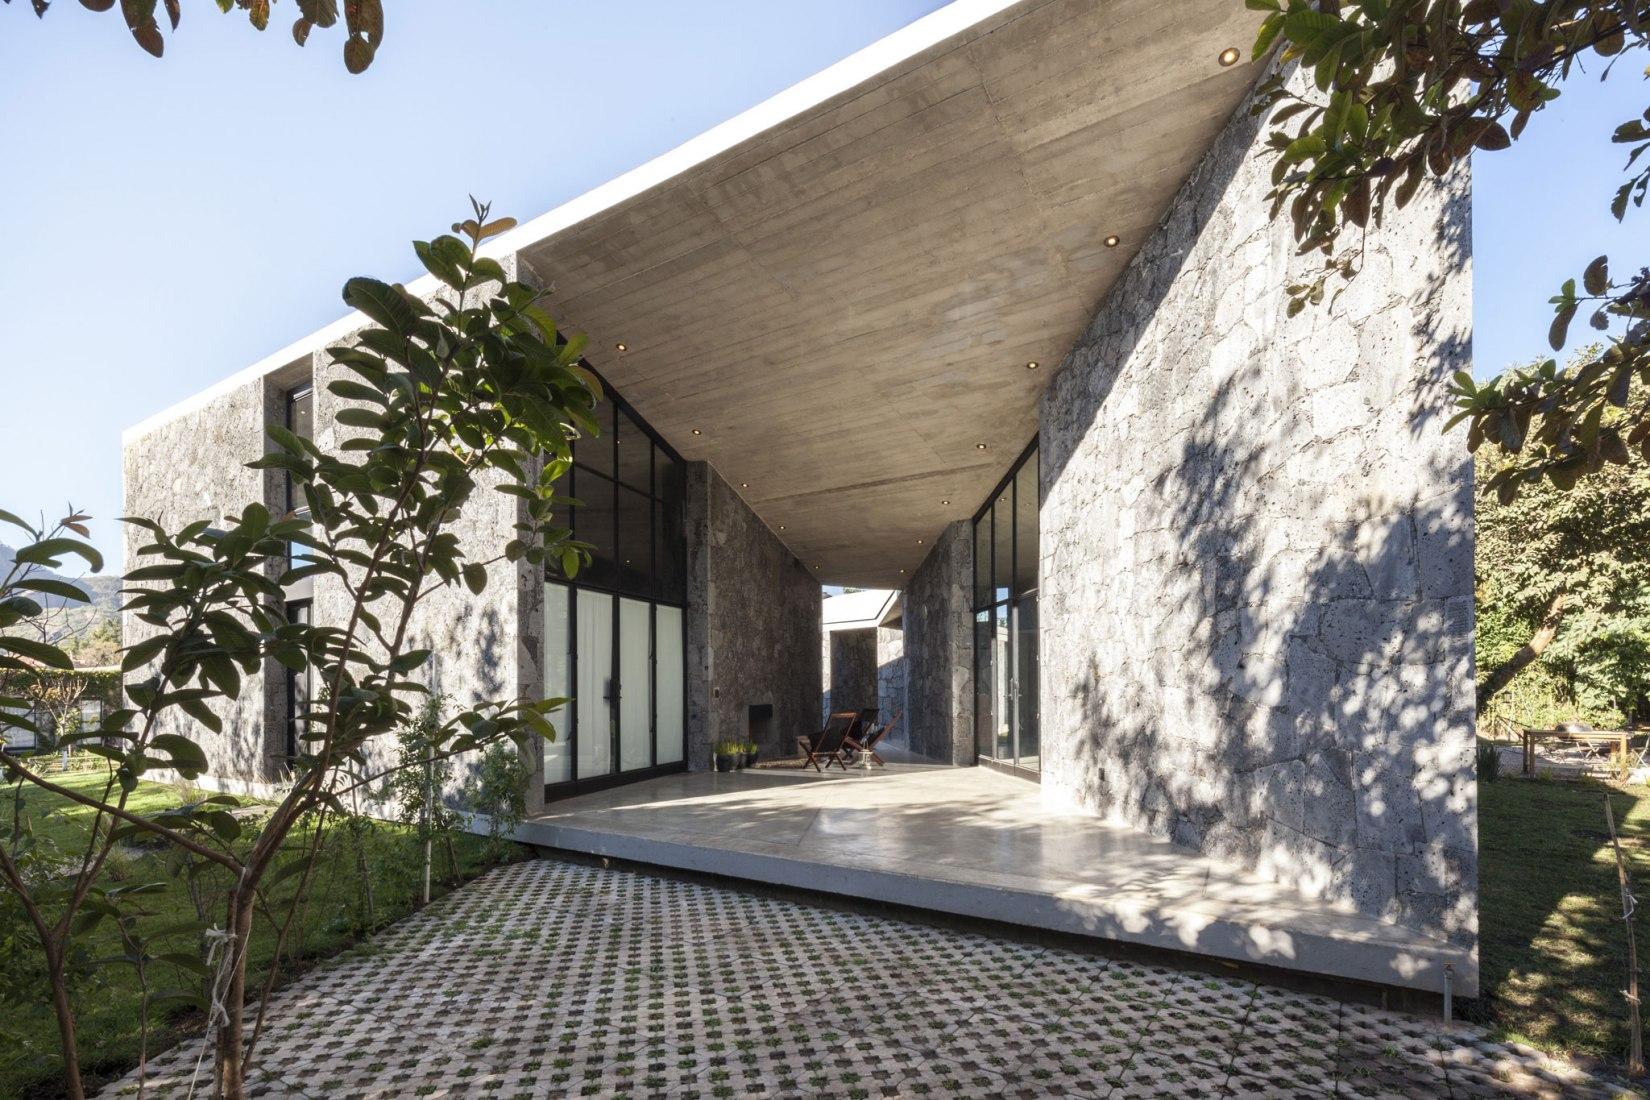 MA House by Cadaval & Solà-Morales. Image © Sandra Pereznieto